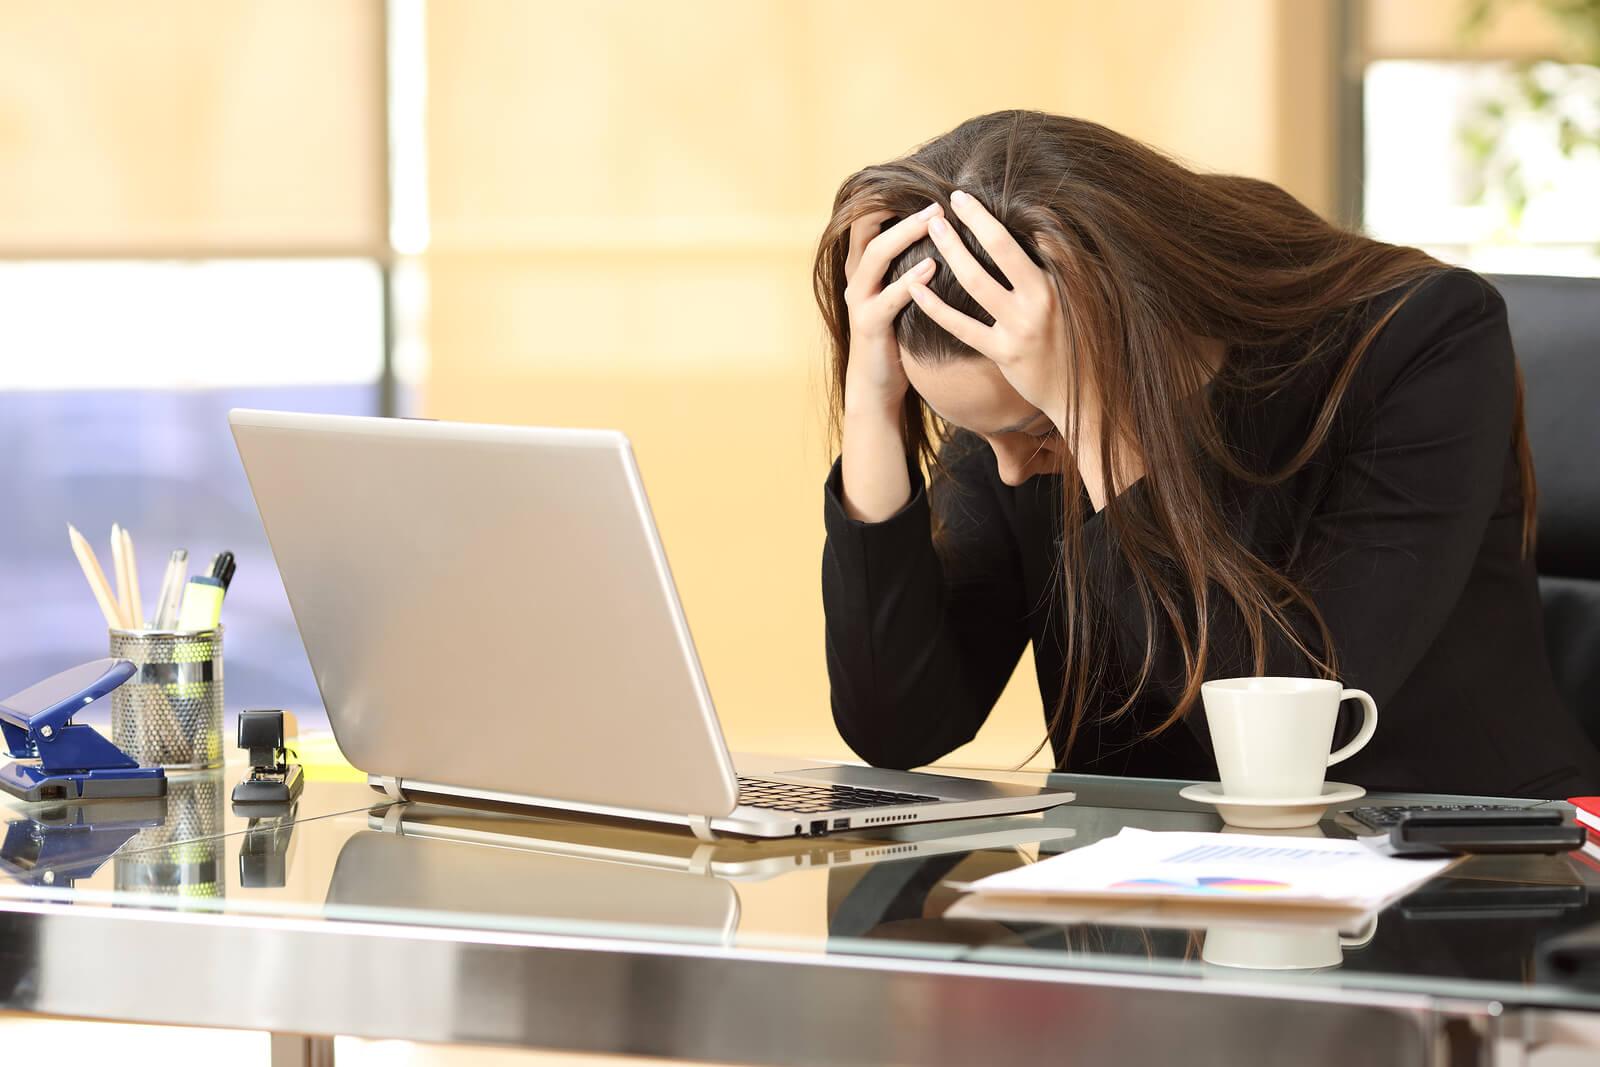 Cómo atajar el síndrome de burnout a nivel individual y organizacional